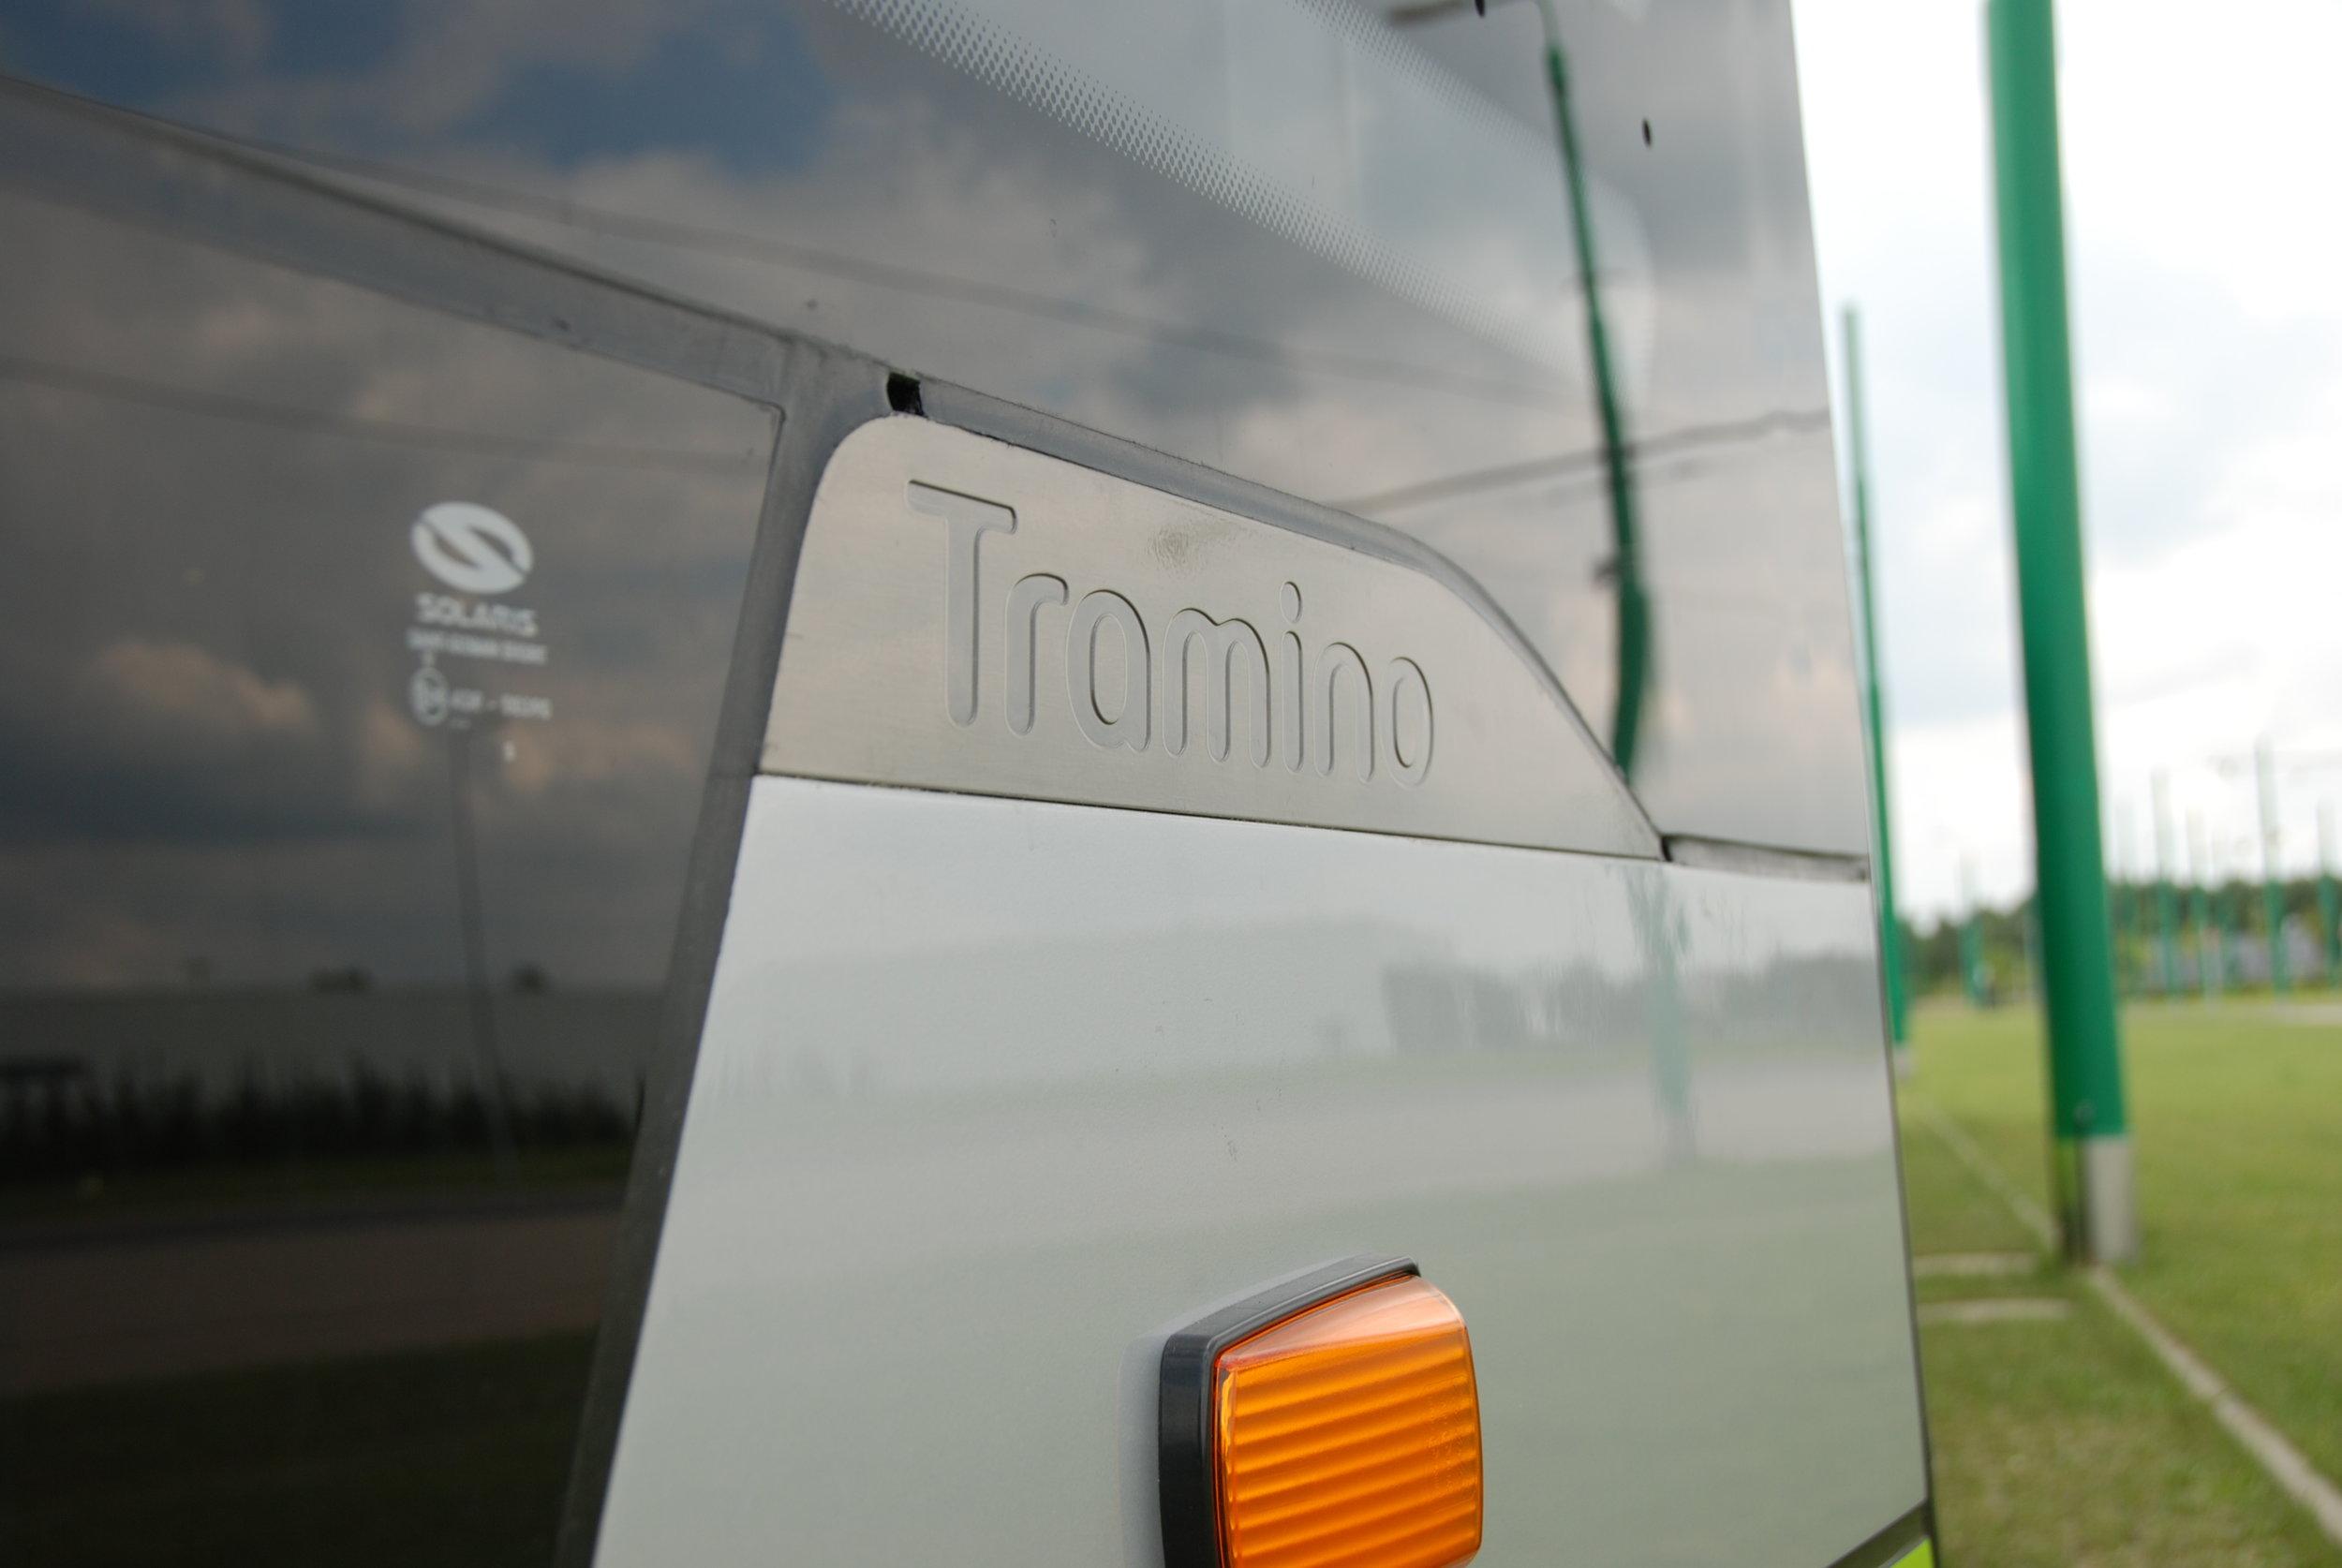 Tramino Kraków - vozidla do Krakova dodá konsorcium Solarisu a Stadleru. (foto: Libor Hinčica)